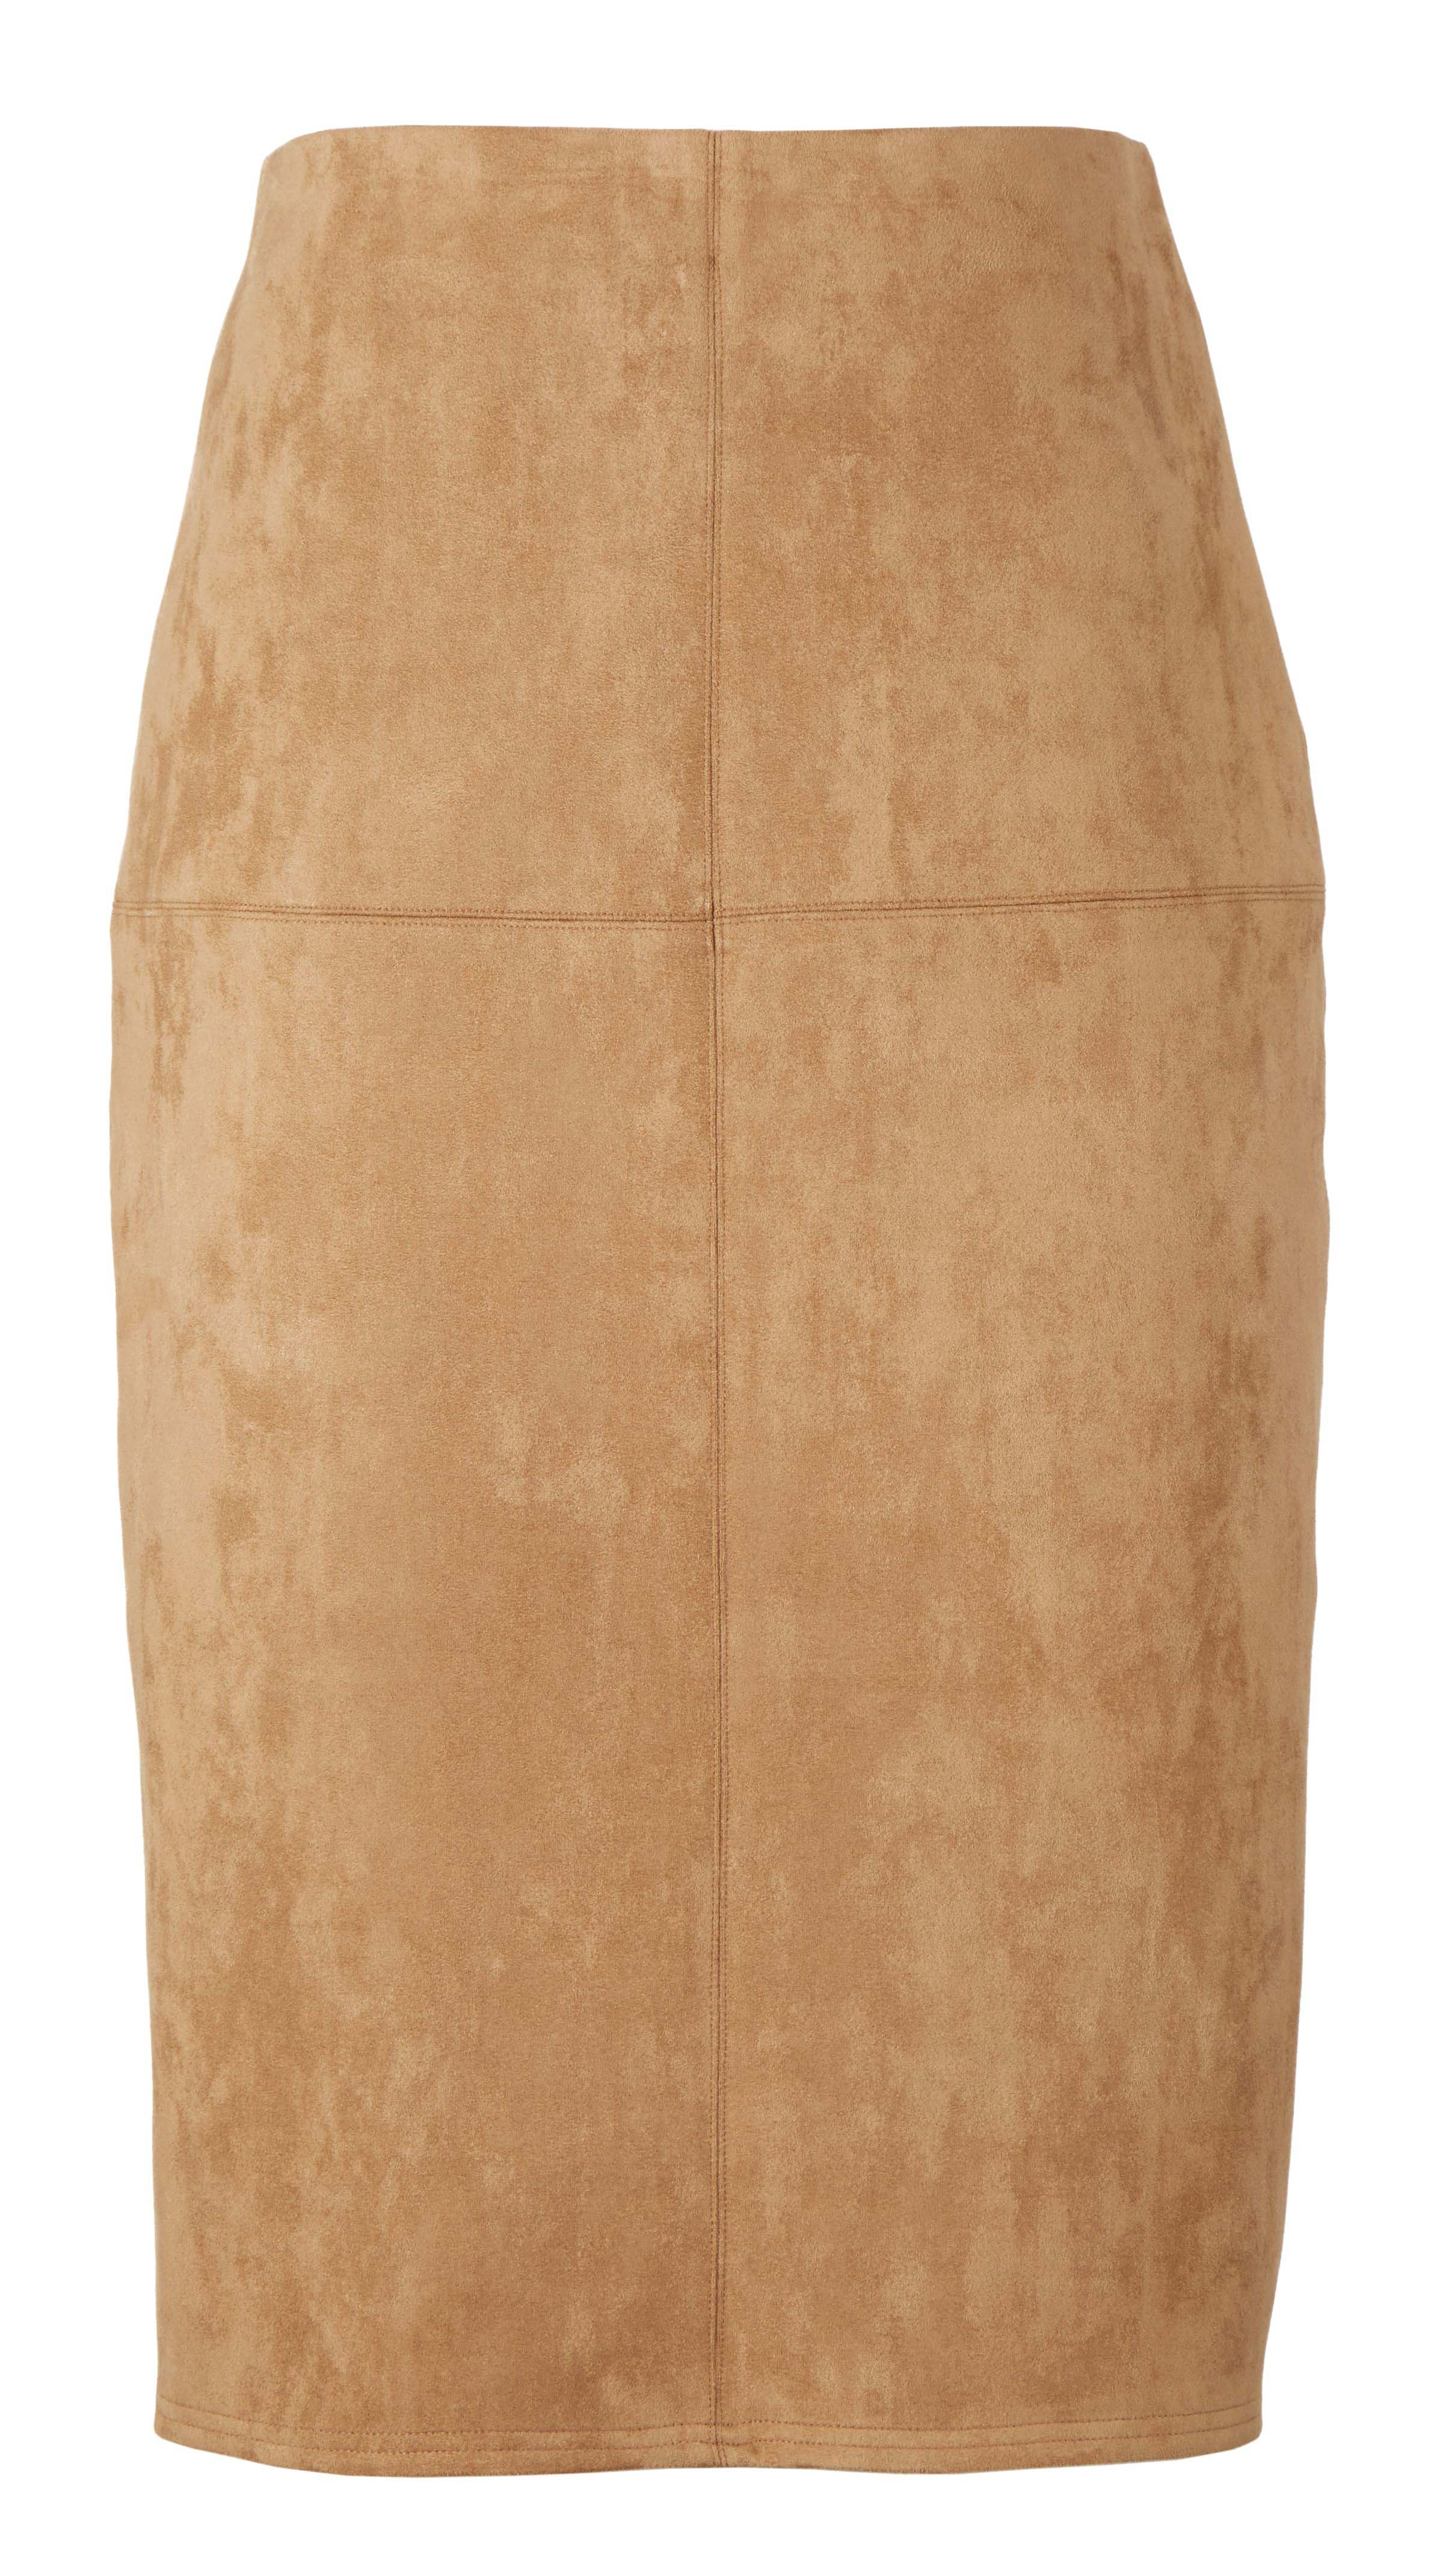 6085087 Stella Sorrento Skirt $99.99 Instore Feb 01 2016